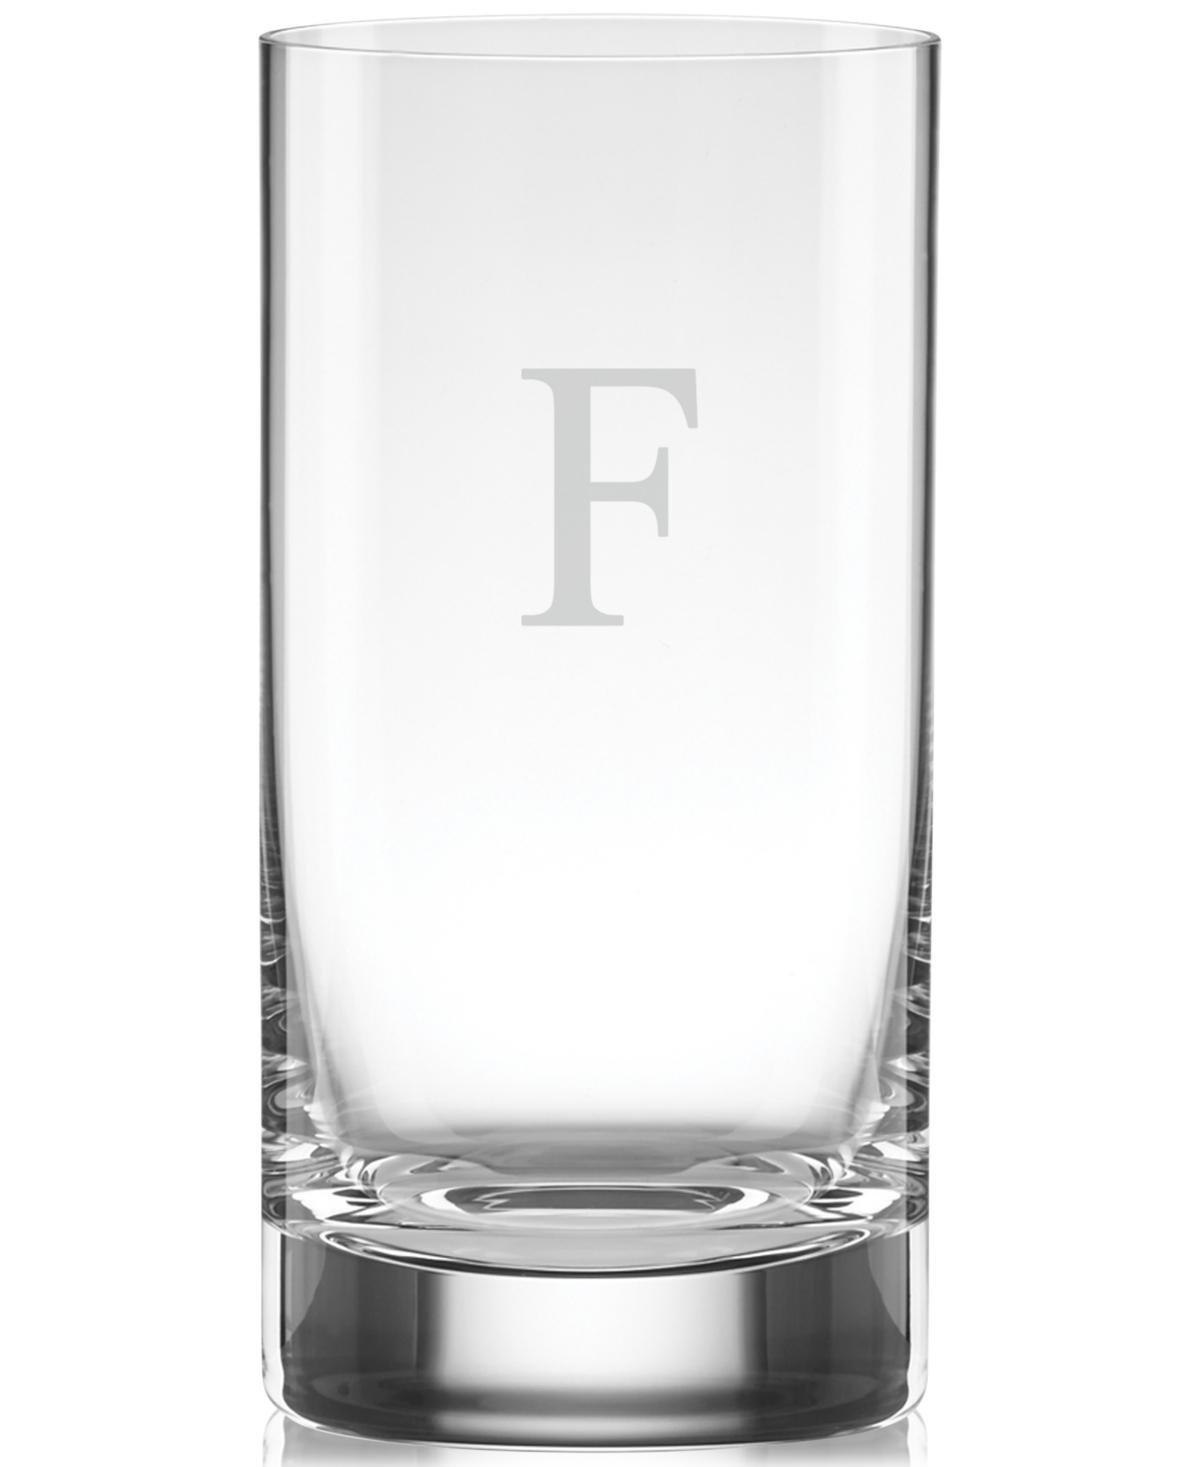 Lenox Tuscany Monogram Barware Block Letter Highball Glasses, Set Of 4